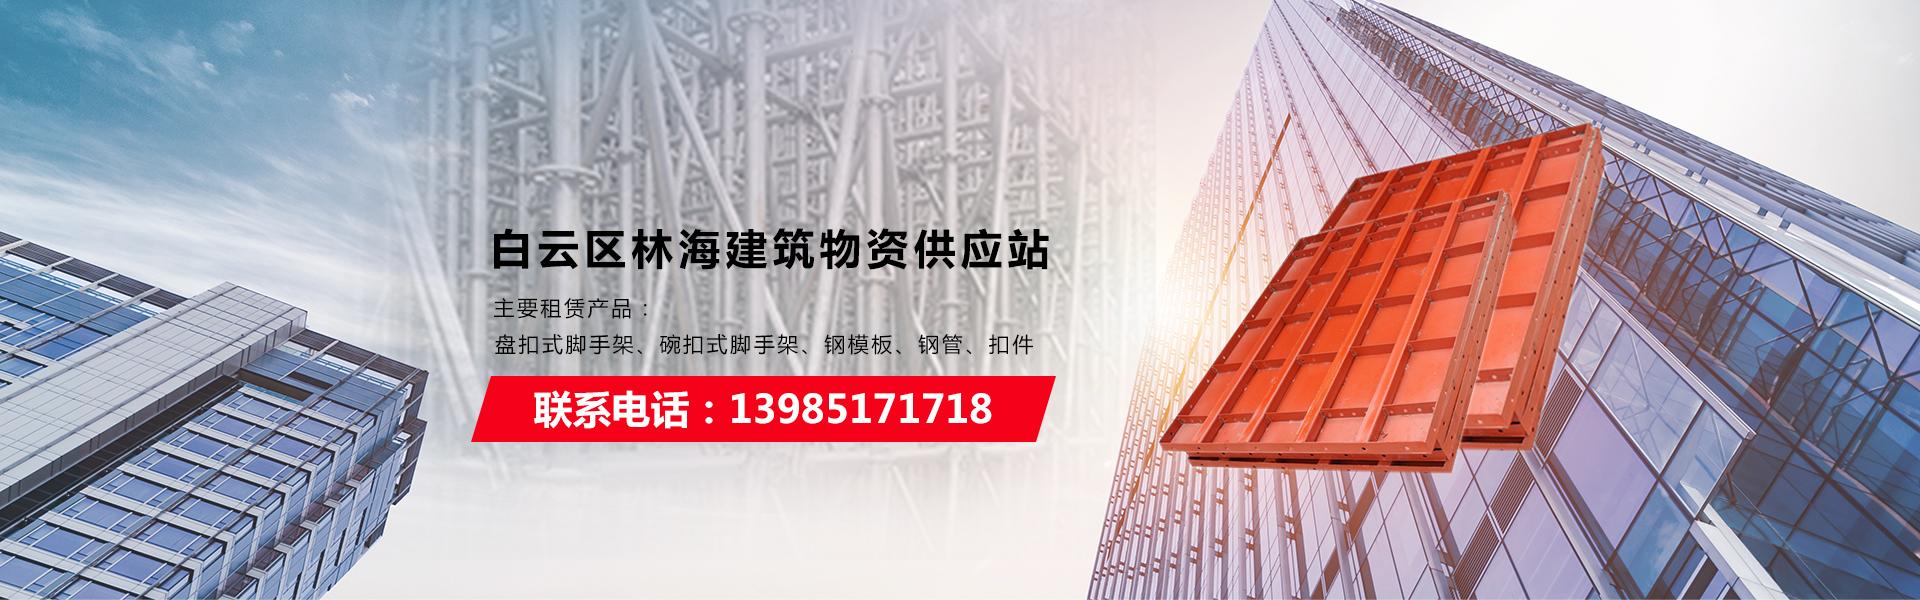 贵阳钢模板租赁